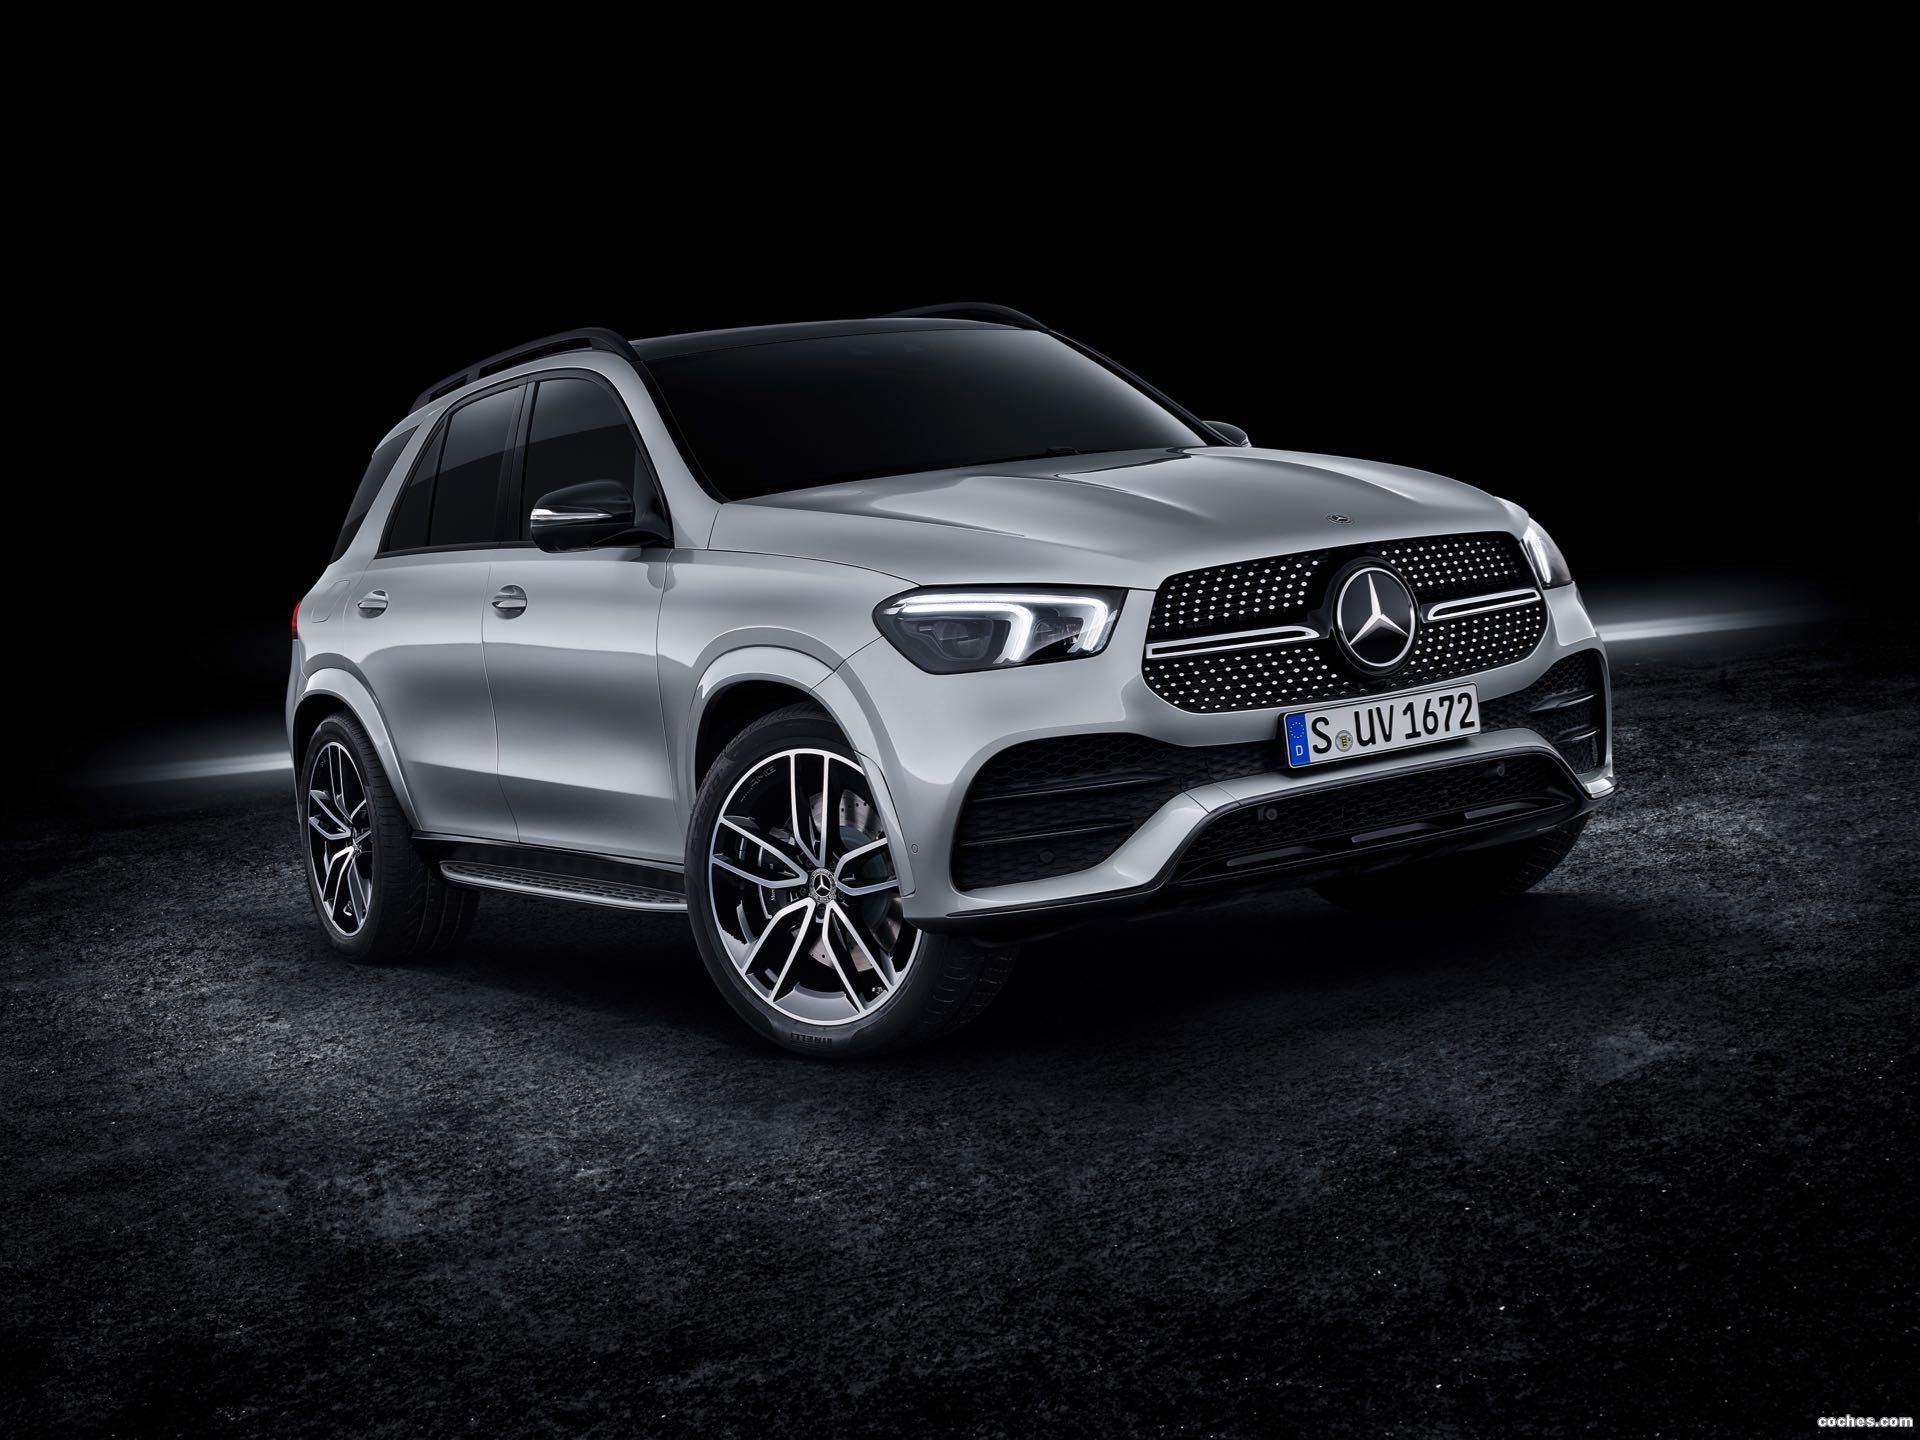 Foto 51 de Mercedes GLE 450 4MATIC 2019